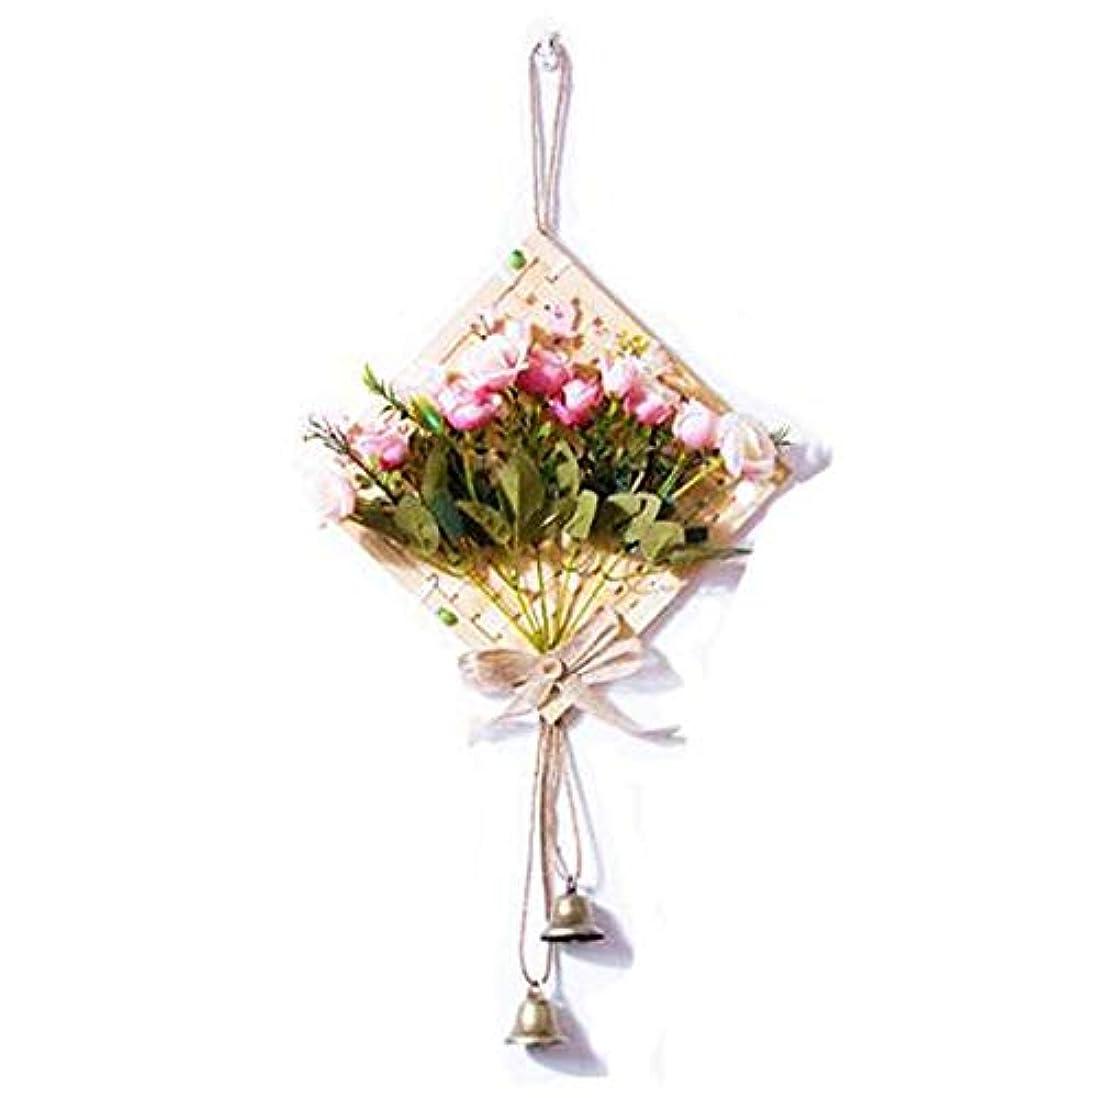 分離する失礼配るHongyushanghang 風チャイム、クリエイティブ?竹風チャイム、白、幅28.5cmくらい,、ジュエリークリエイティブホリデーギフトを掛ける (Color : Pink)